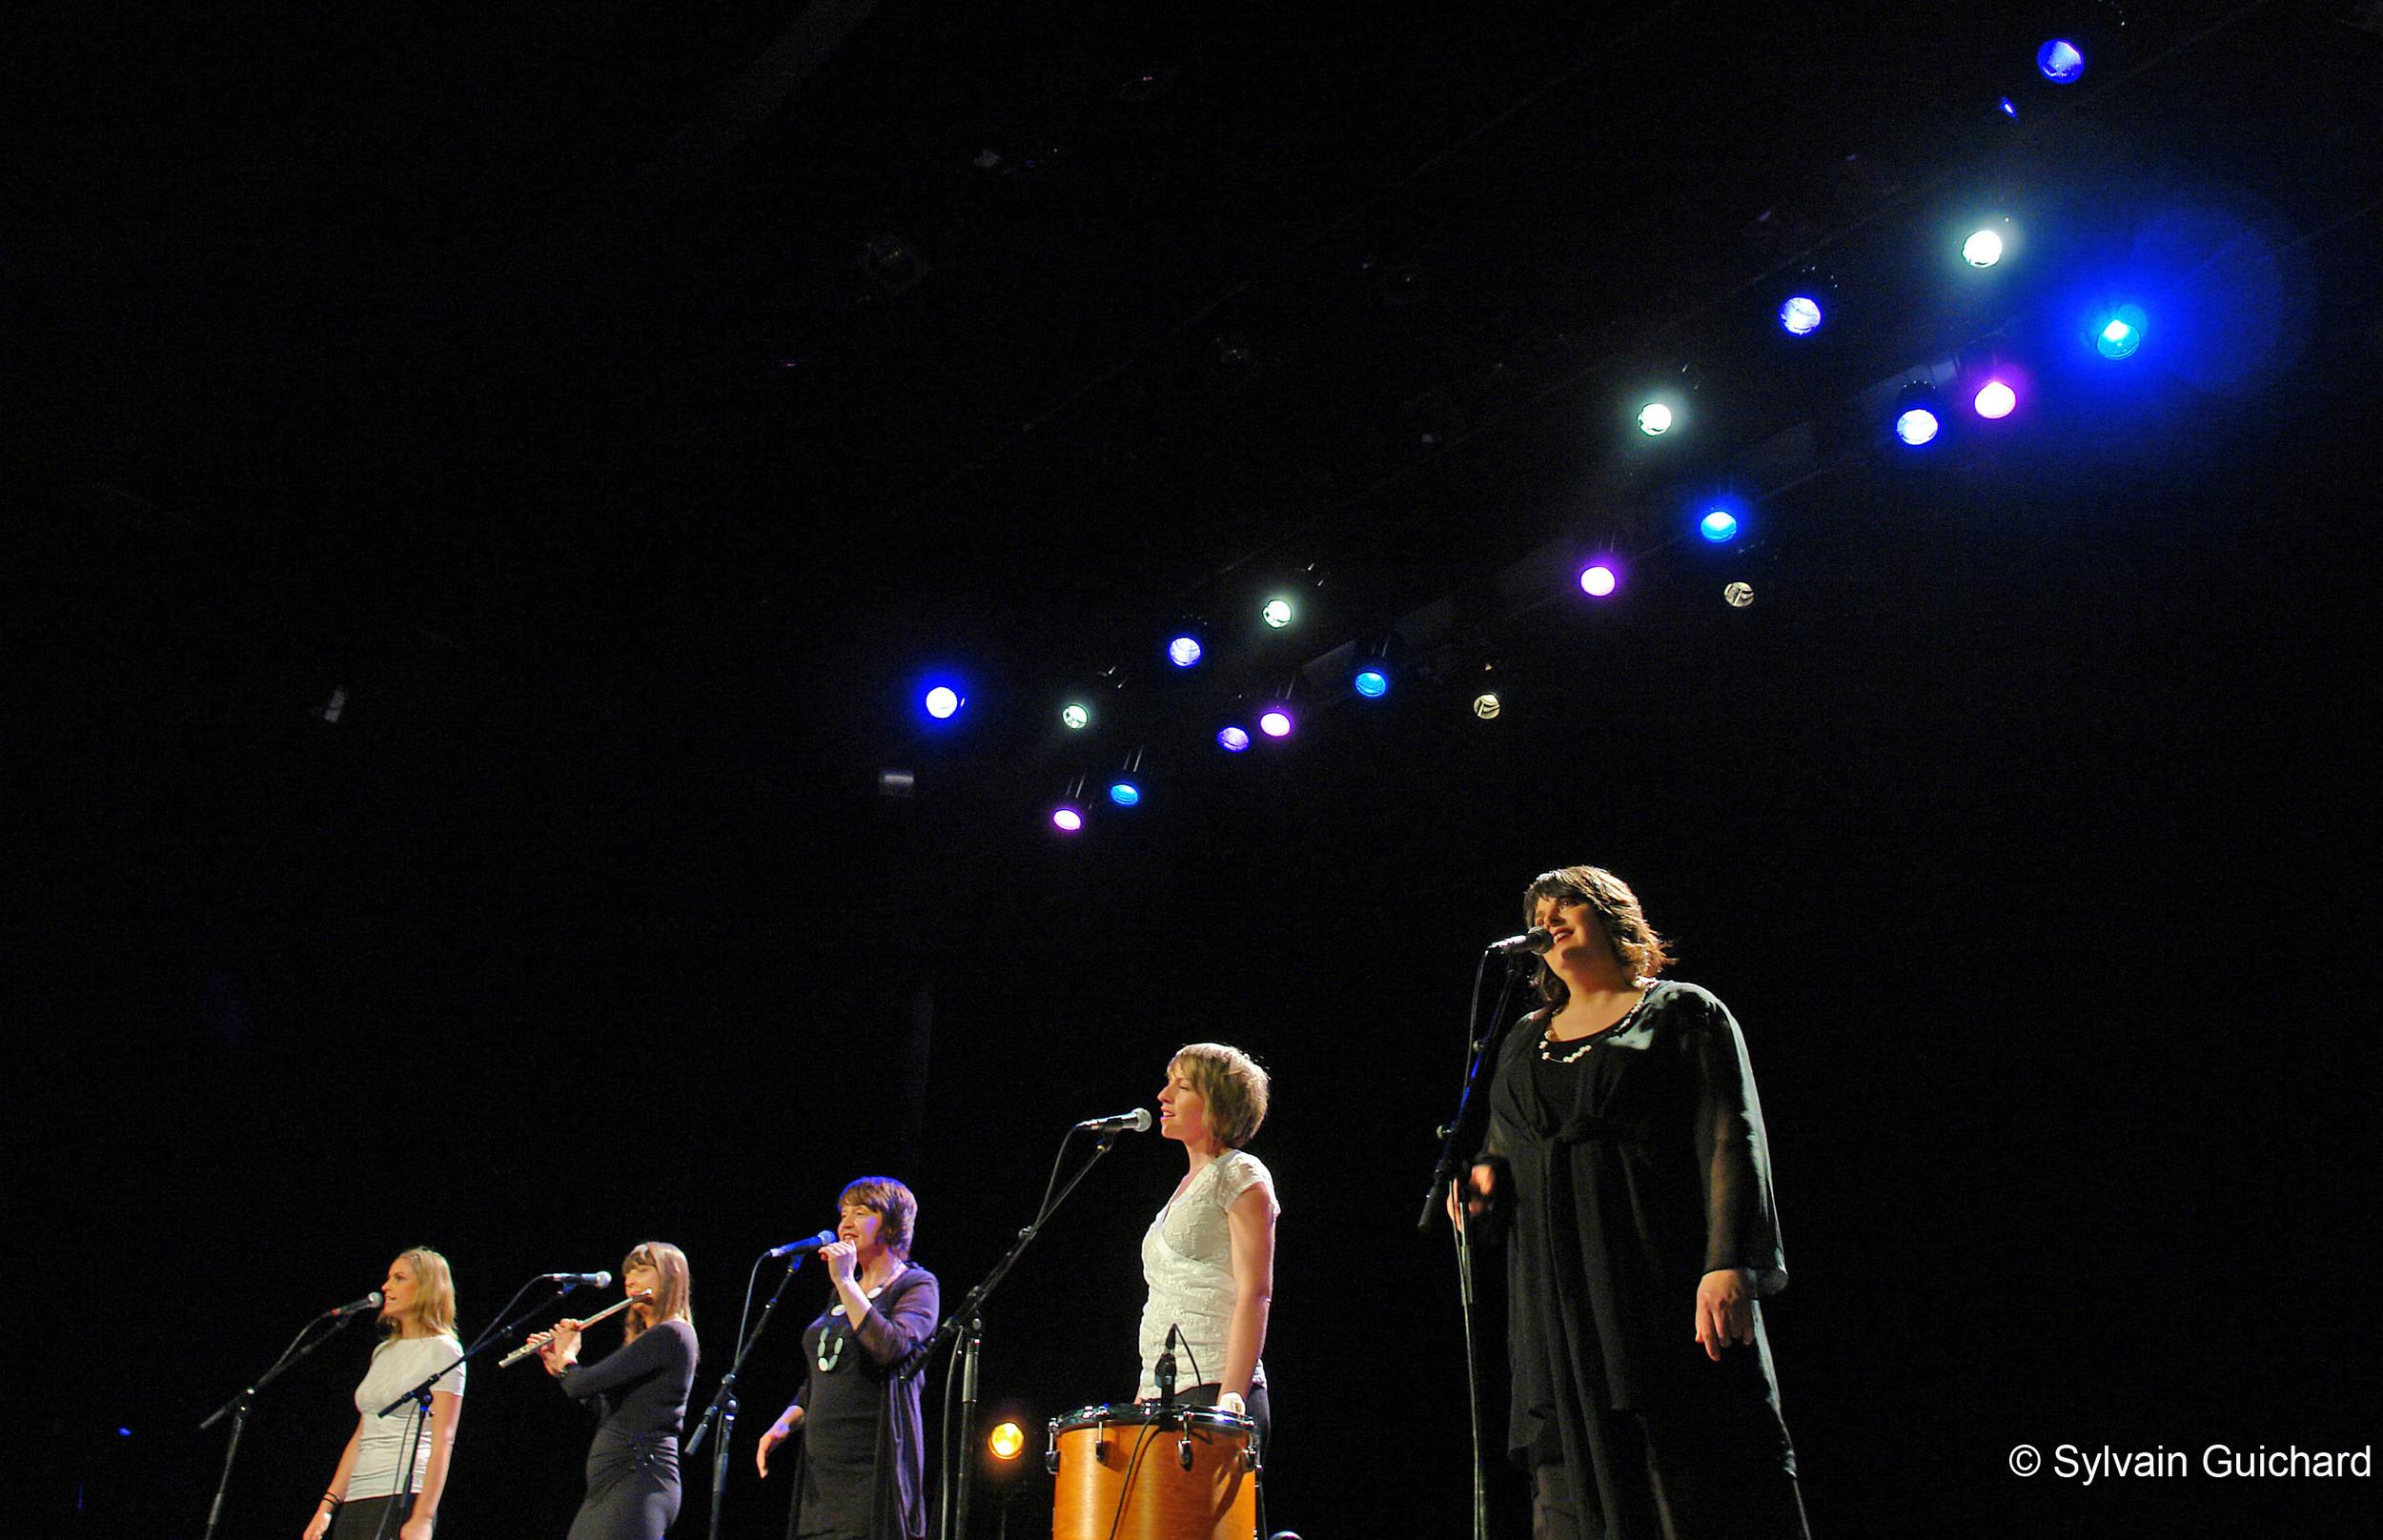 Pollyfolia 4th World Choral Showcase